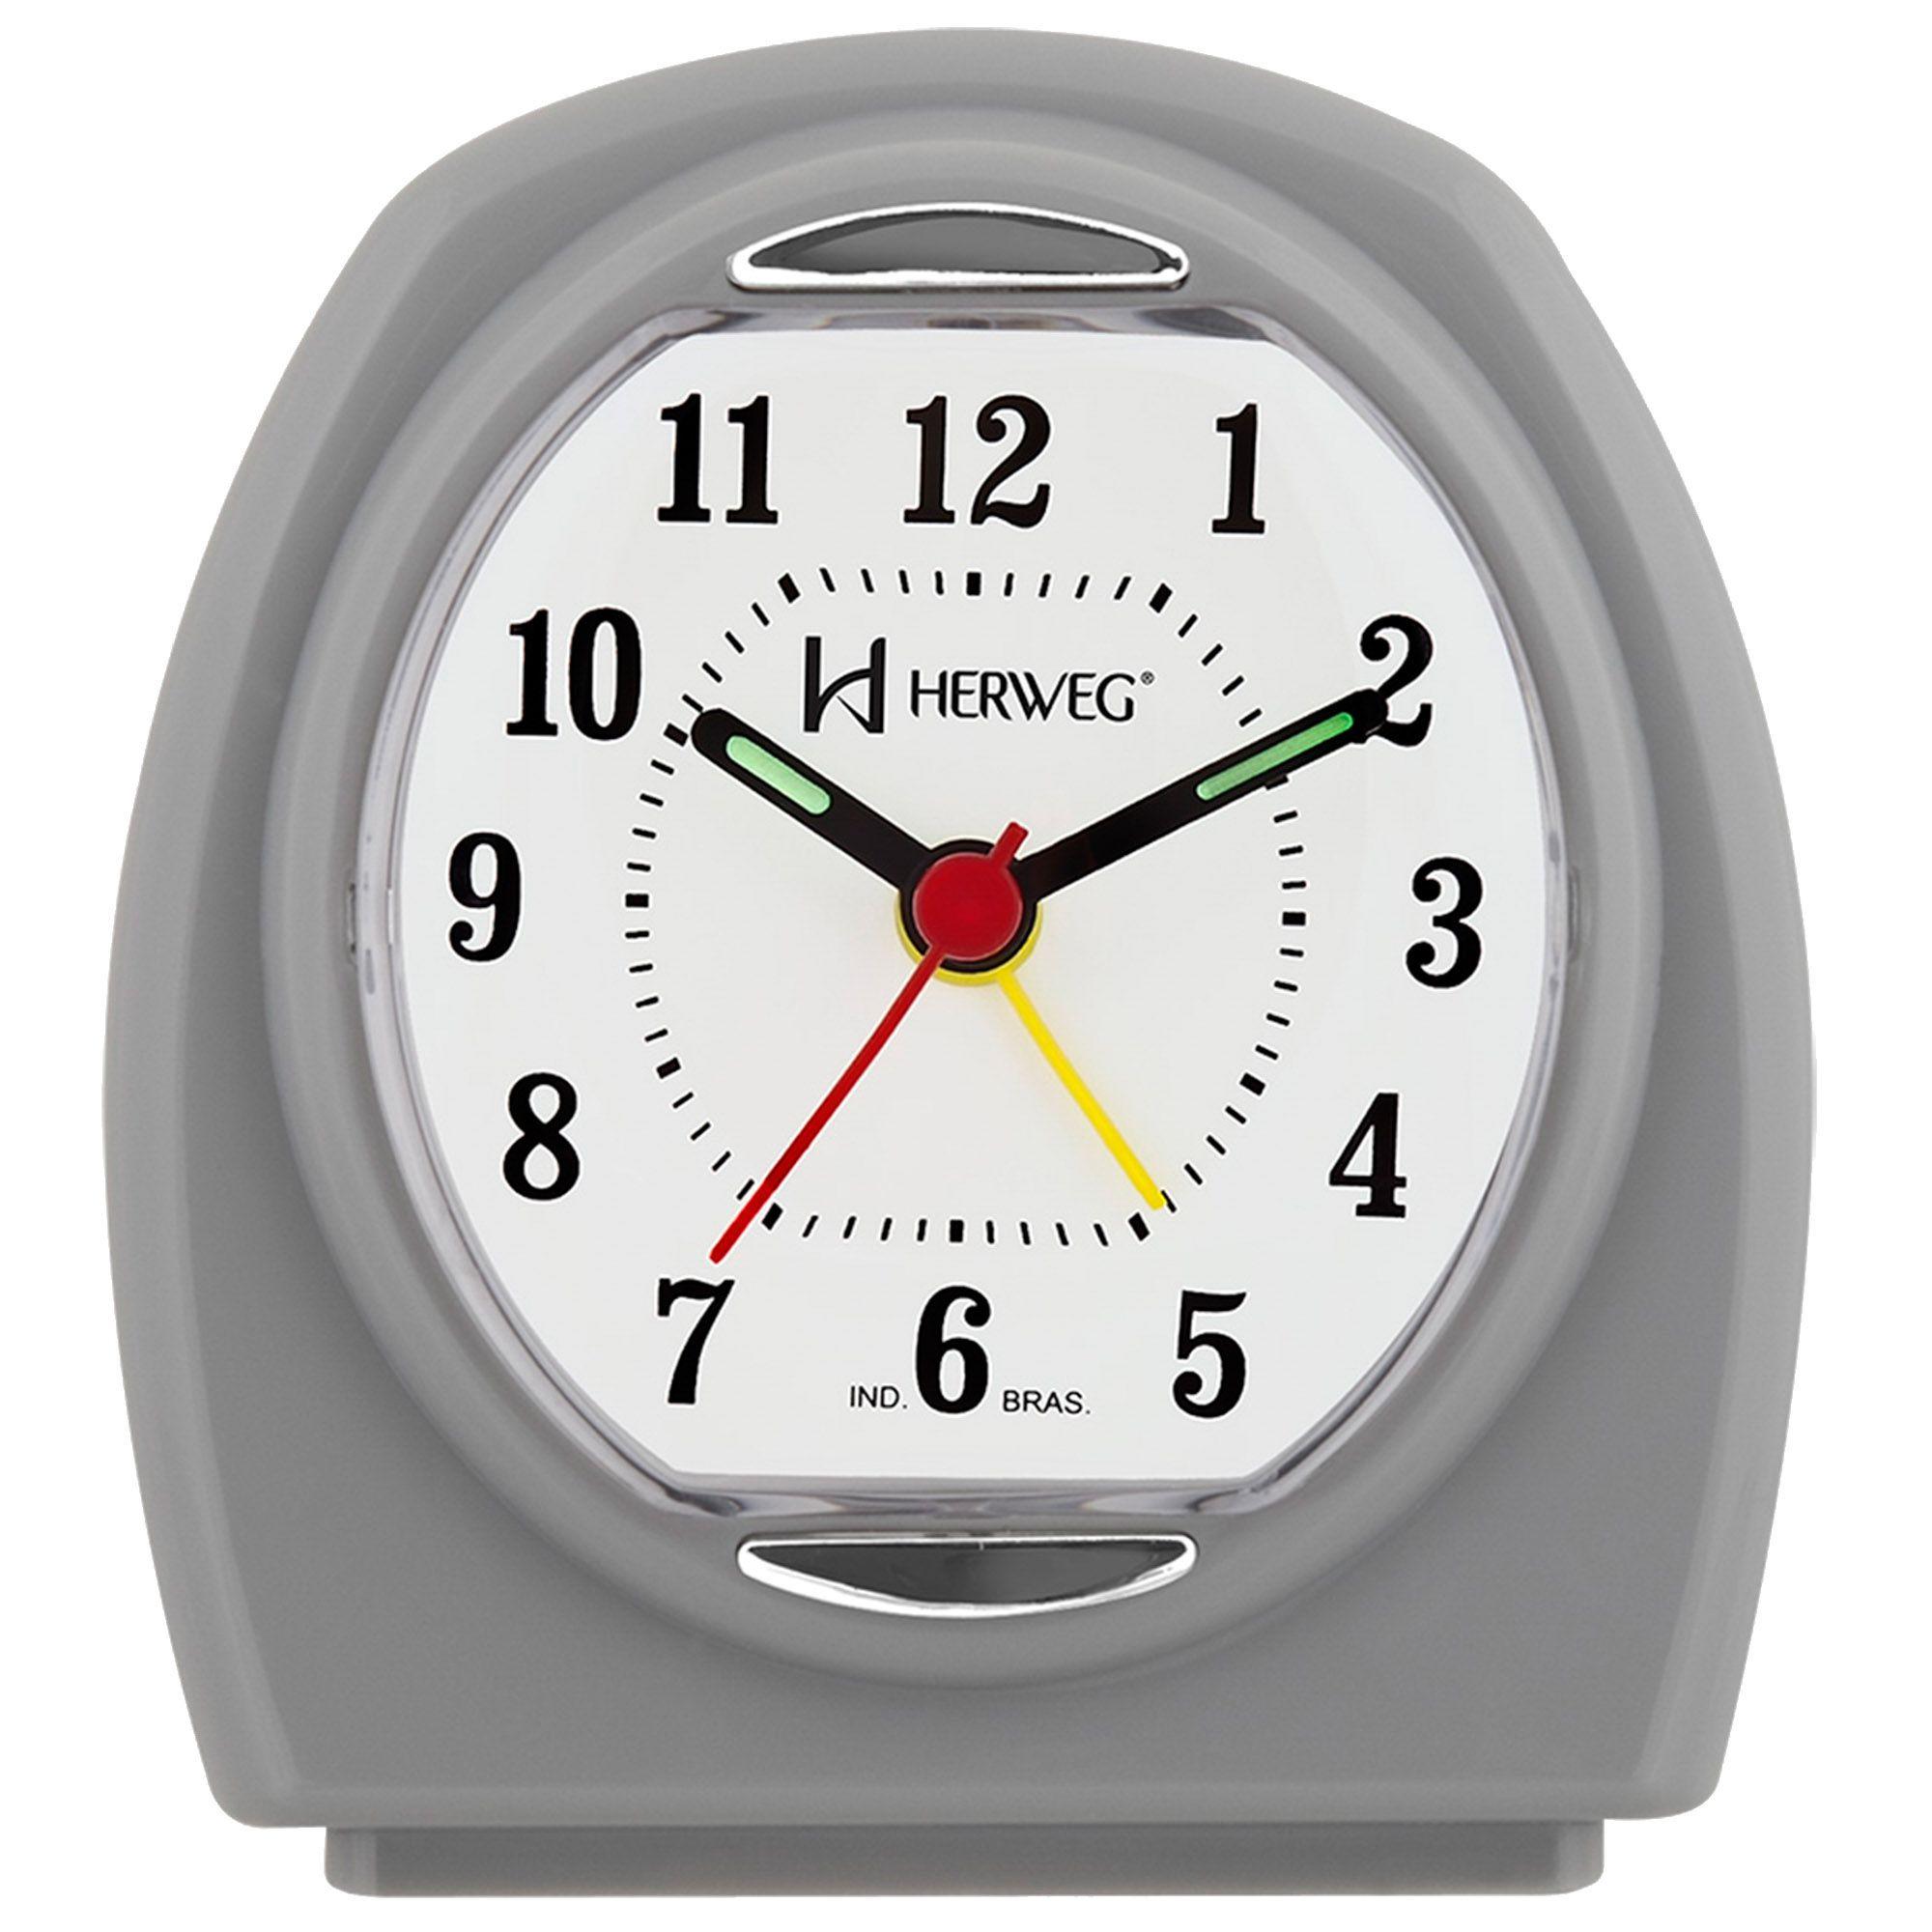 Despertador Analógico Quartzo Herweg 2633 024 Cinza